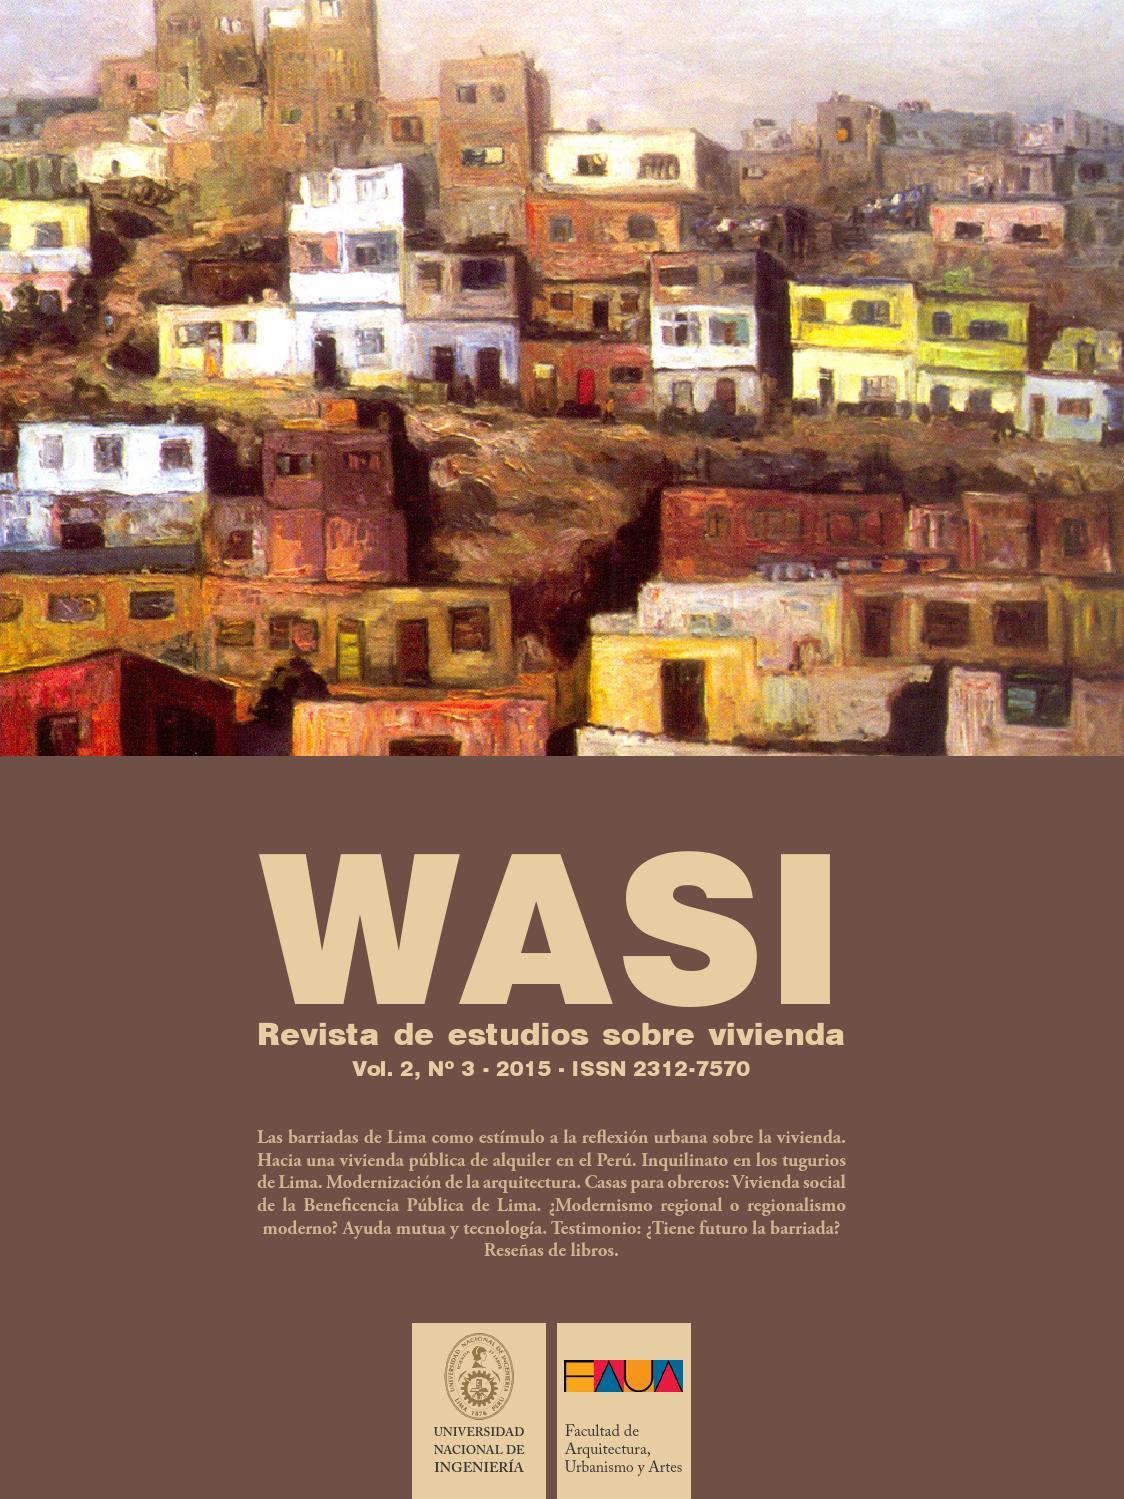 Wasi Vol 2 N 3 Revista De Estudios Sobre Vivienda By